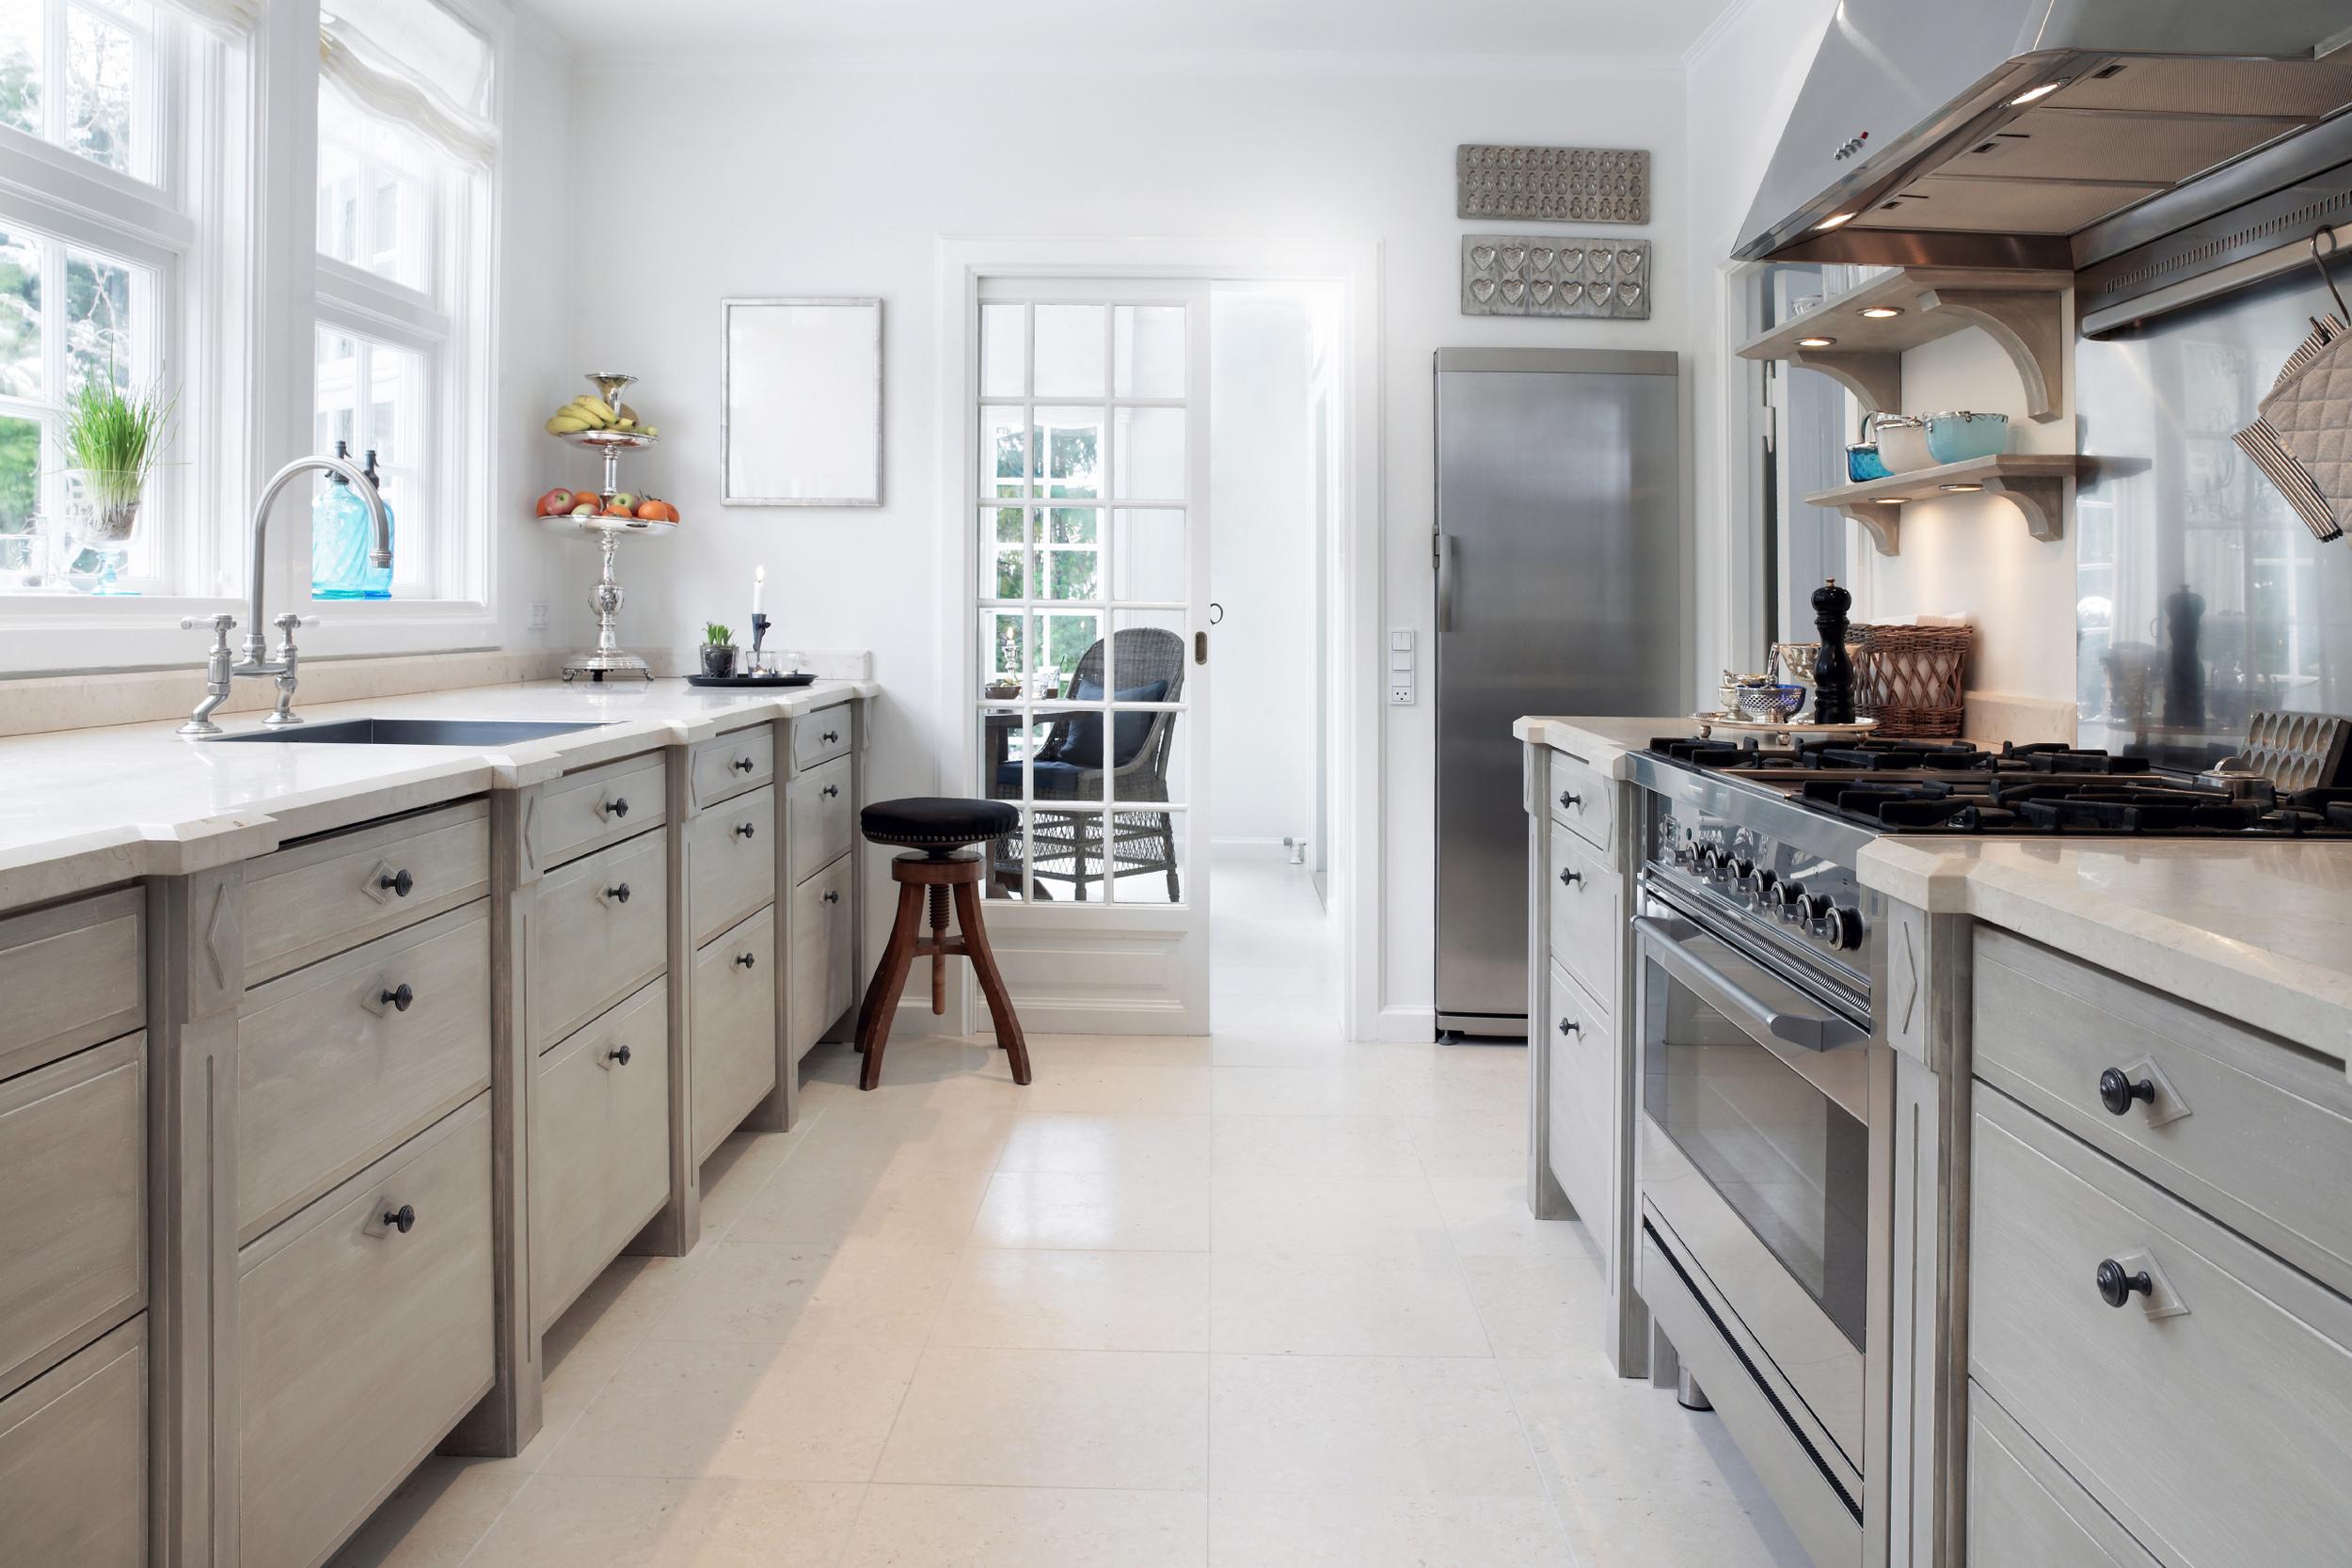 stock-photo-19343636-spacious-kitchen.jpg